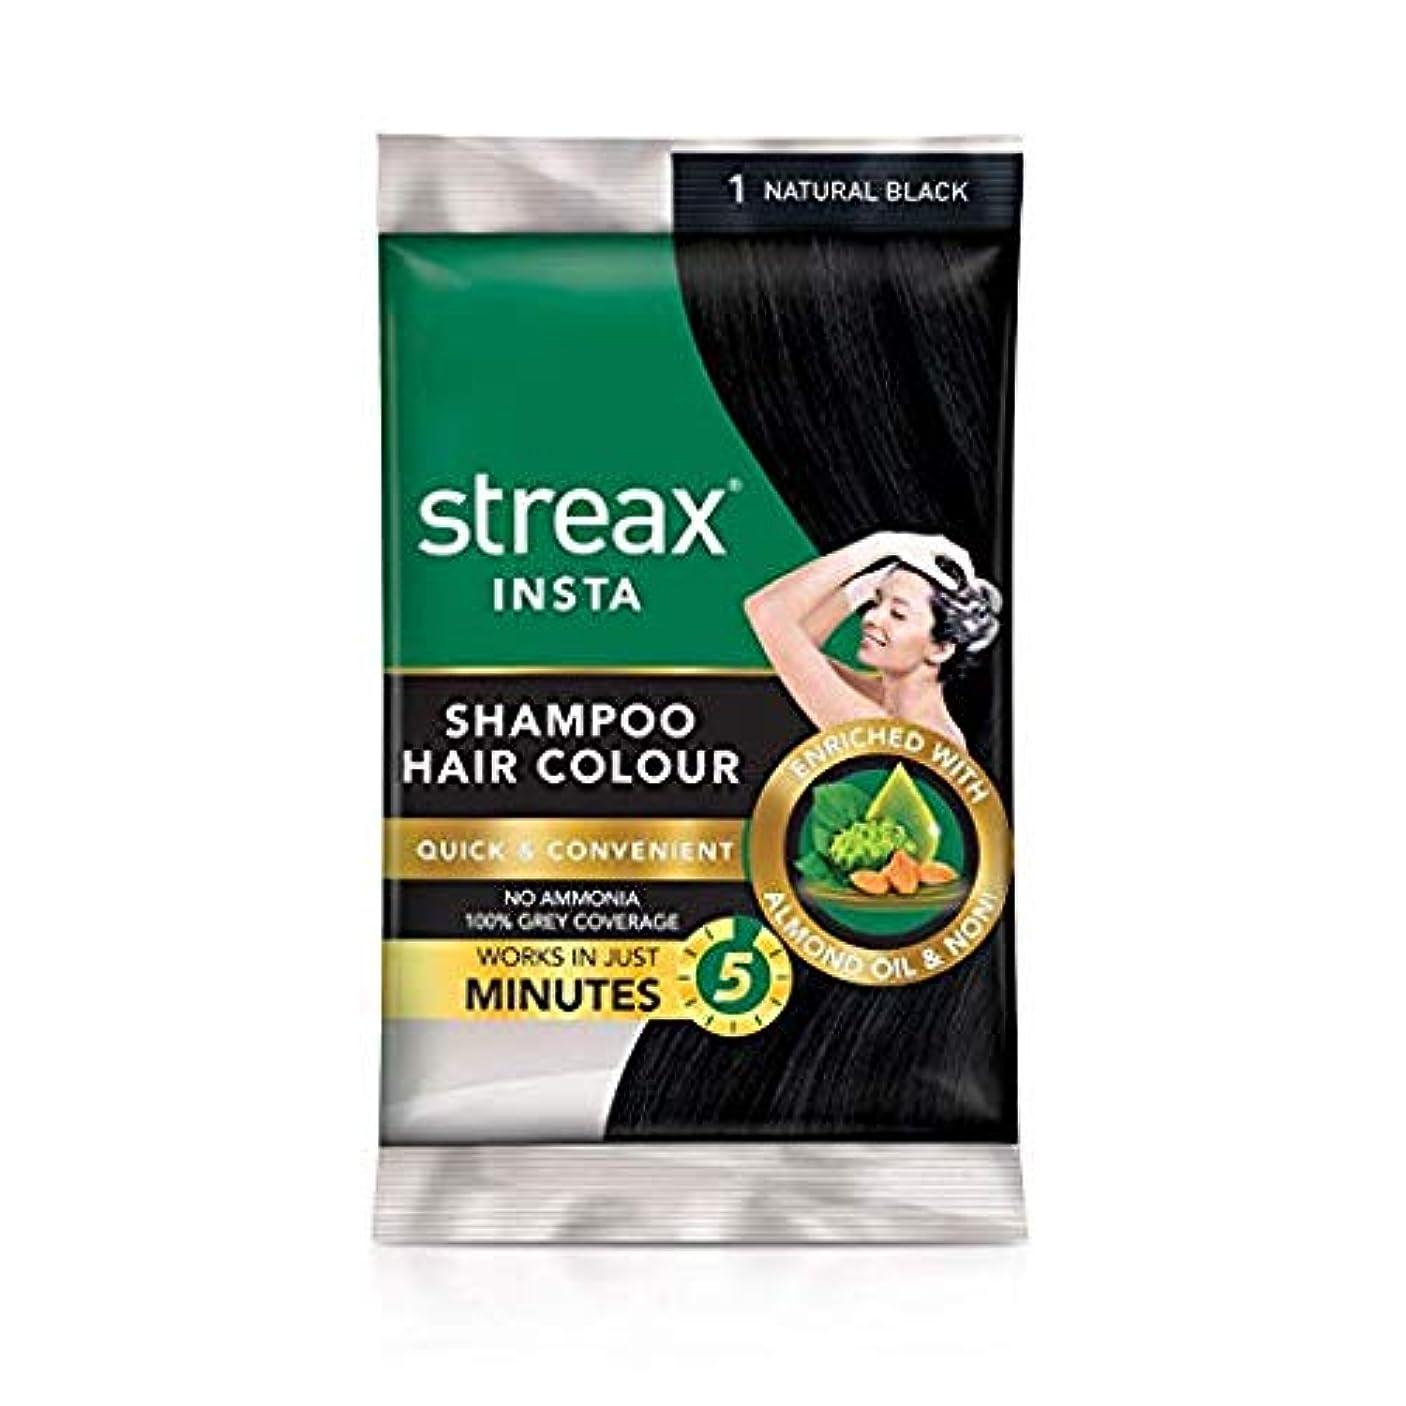 大量露データOmg-deal -Pack of 5 Streax Shampoo Hair Colour Natural Black